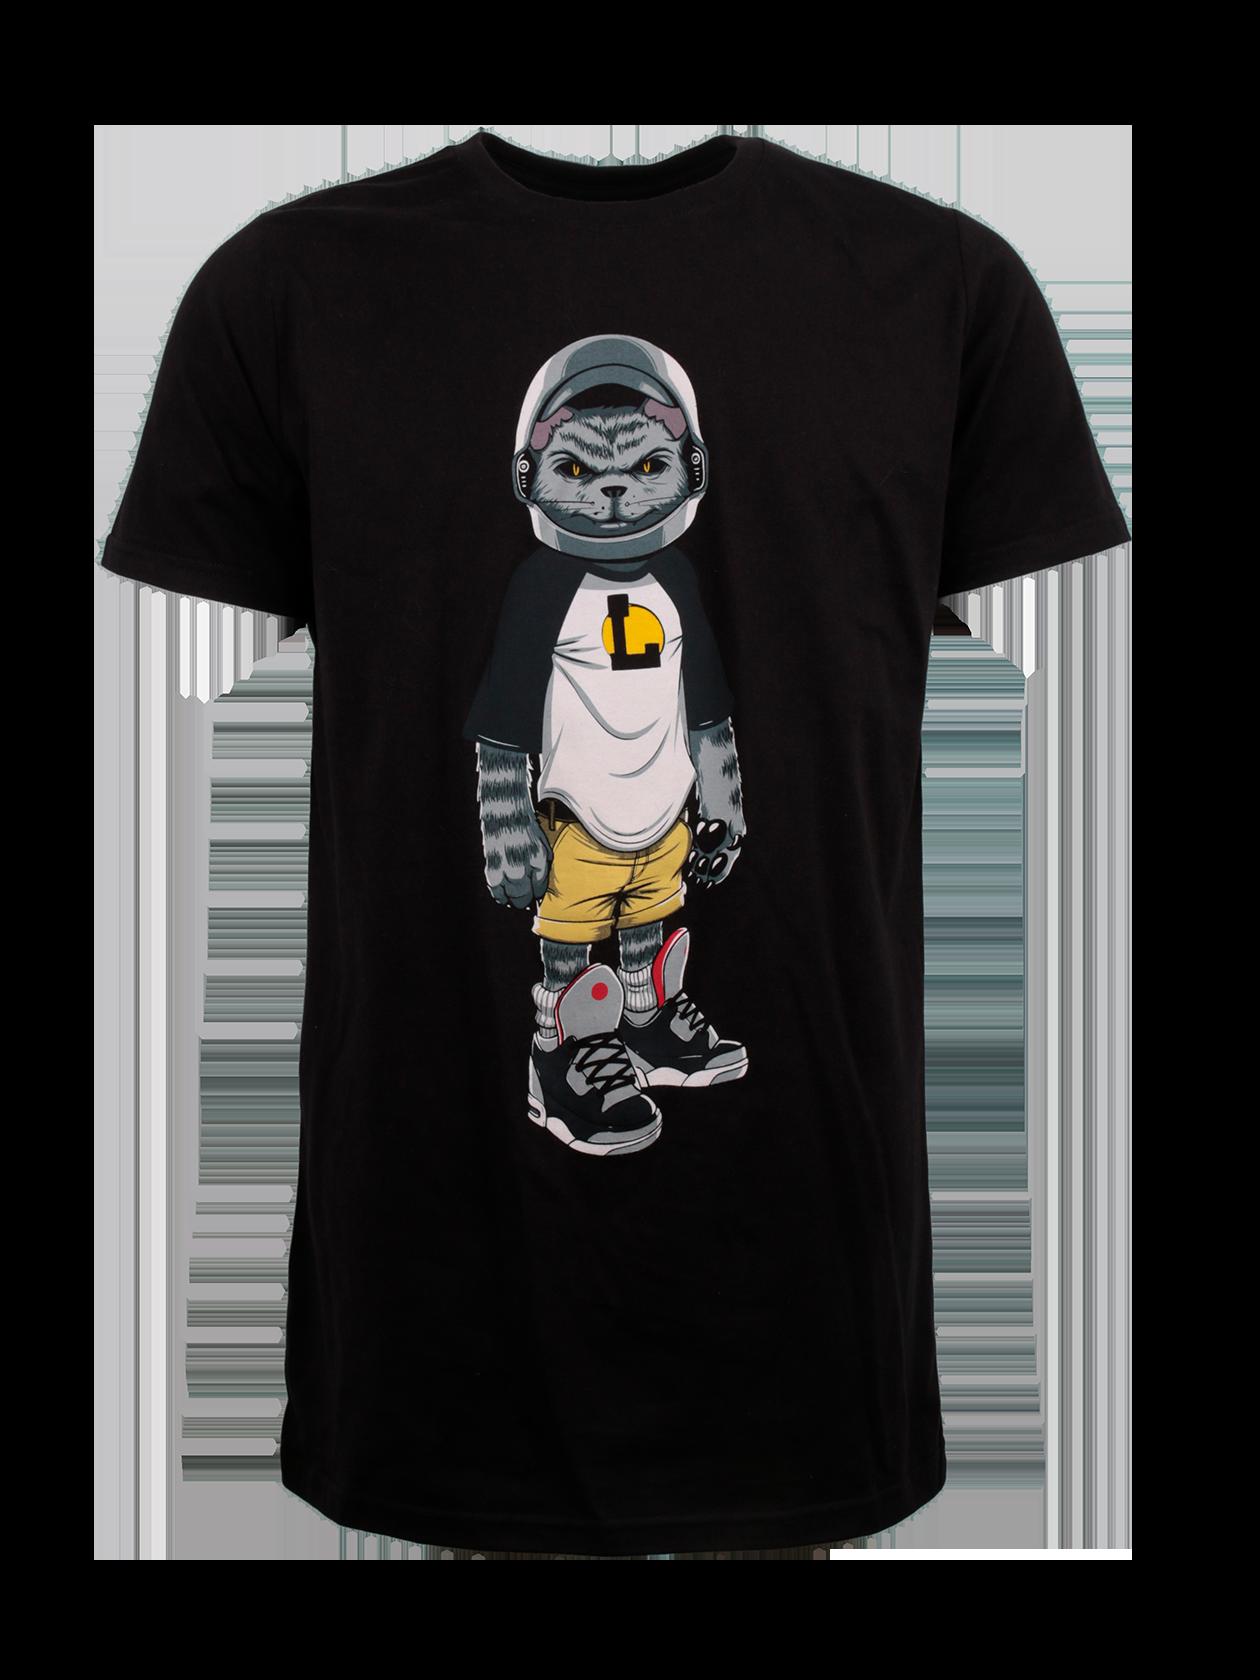 Футболка унисекс CATЯркая футболка унисекс Cat с оригинальным принтом в виде кота в шлеме – стильная вещь из мерча популярного артиста L`one Гравитация. Модель базовой черной расцветки отлично комбинируется с повседневным и спортивным гардеробом. Изделие прямого свободного фасона с удлиненным силуэтом. Горловина круглой формы, для удобства надевания оформлена эластичным кантом, внутри жаккардовая нашивка с логотипом Black Star Wear. Созданная из натурального хлопка премиального качества, футболка выделяется высокой практичностью.<br><br>Размер: M<br>Цвет: Черный<br>Пол: Женский